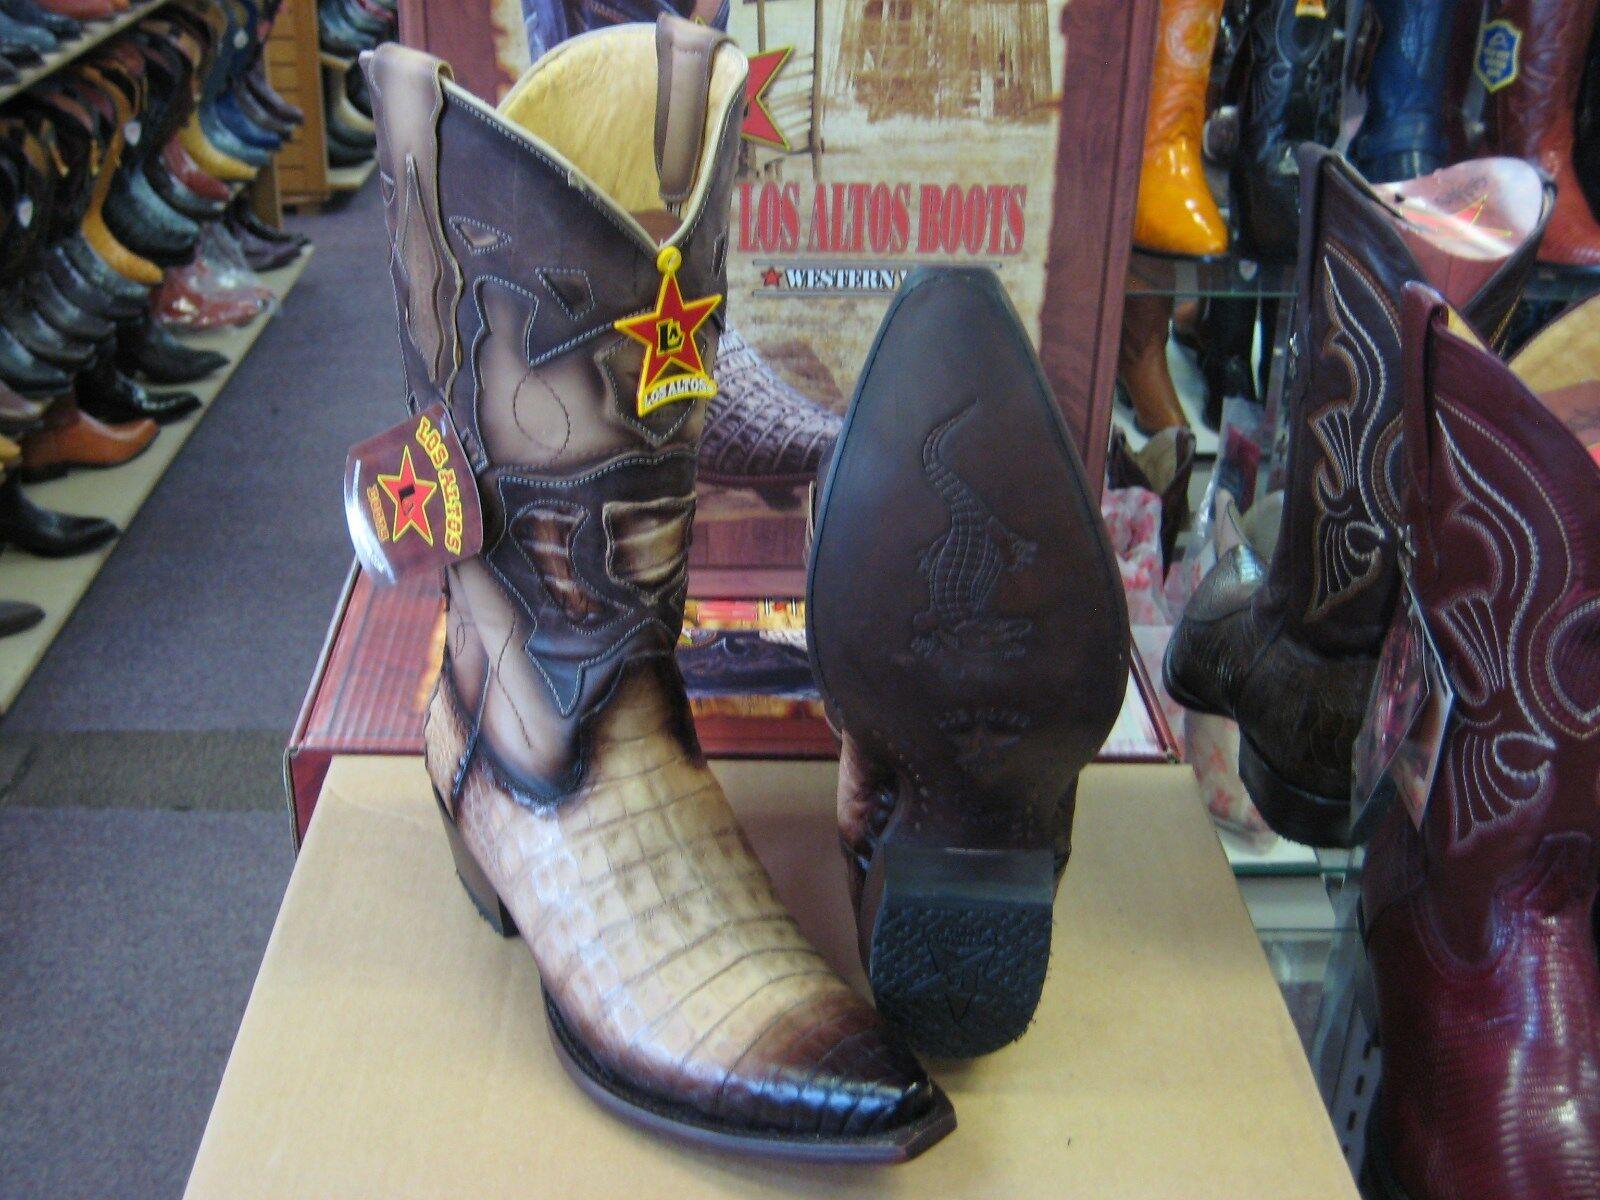 Los Altos de Mujer Beige Original Bota Puntera Cocodrilo Western Cowboy Snip (M) L928215